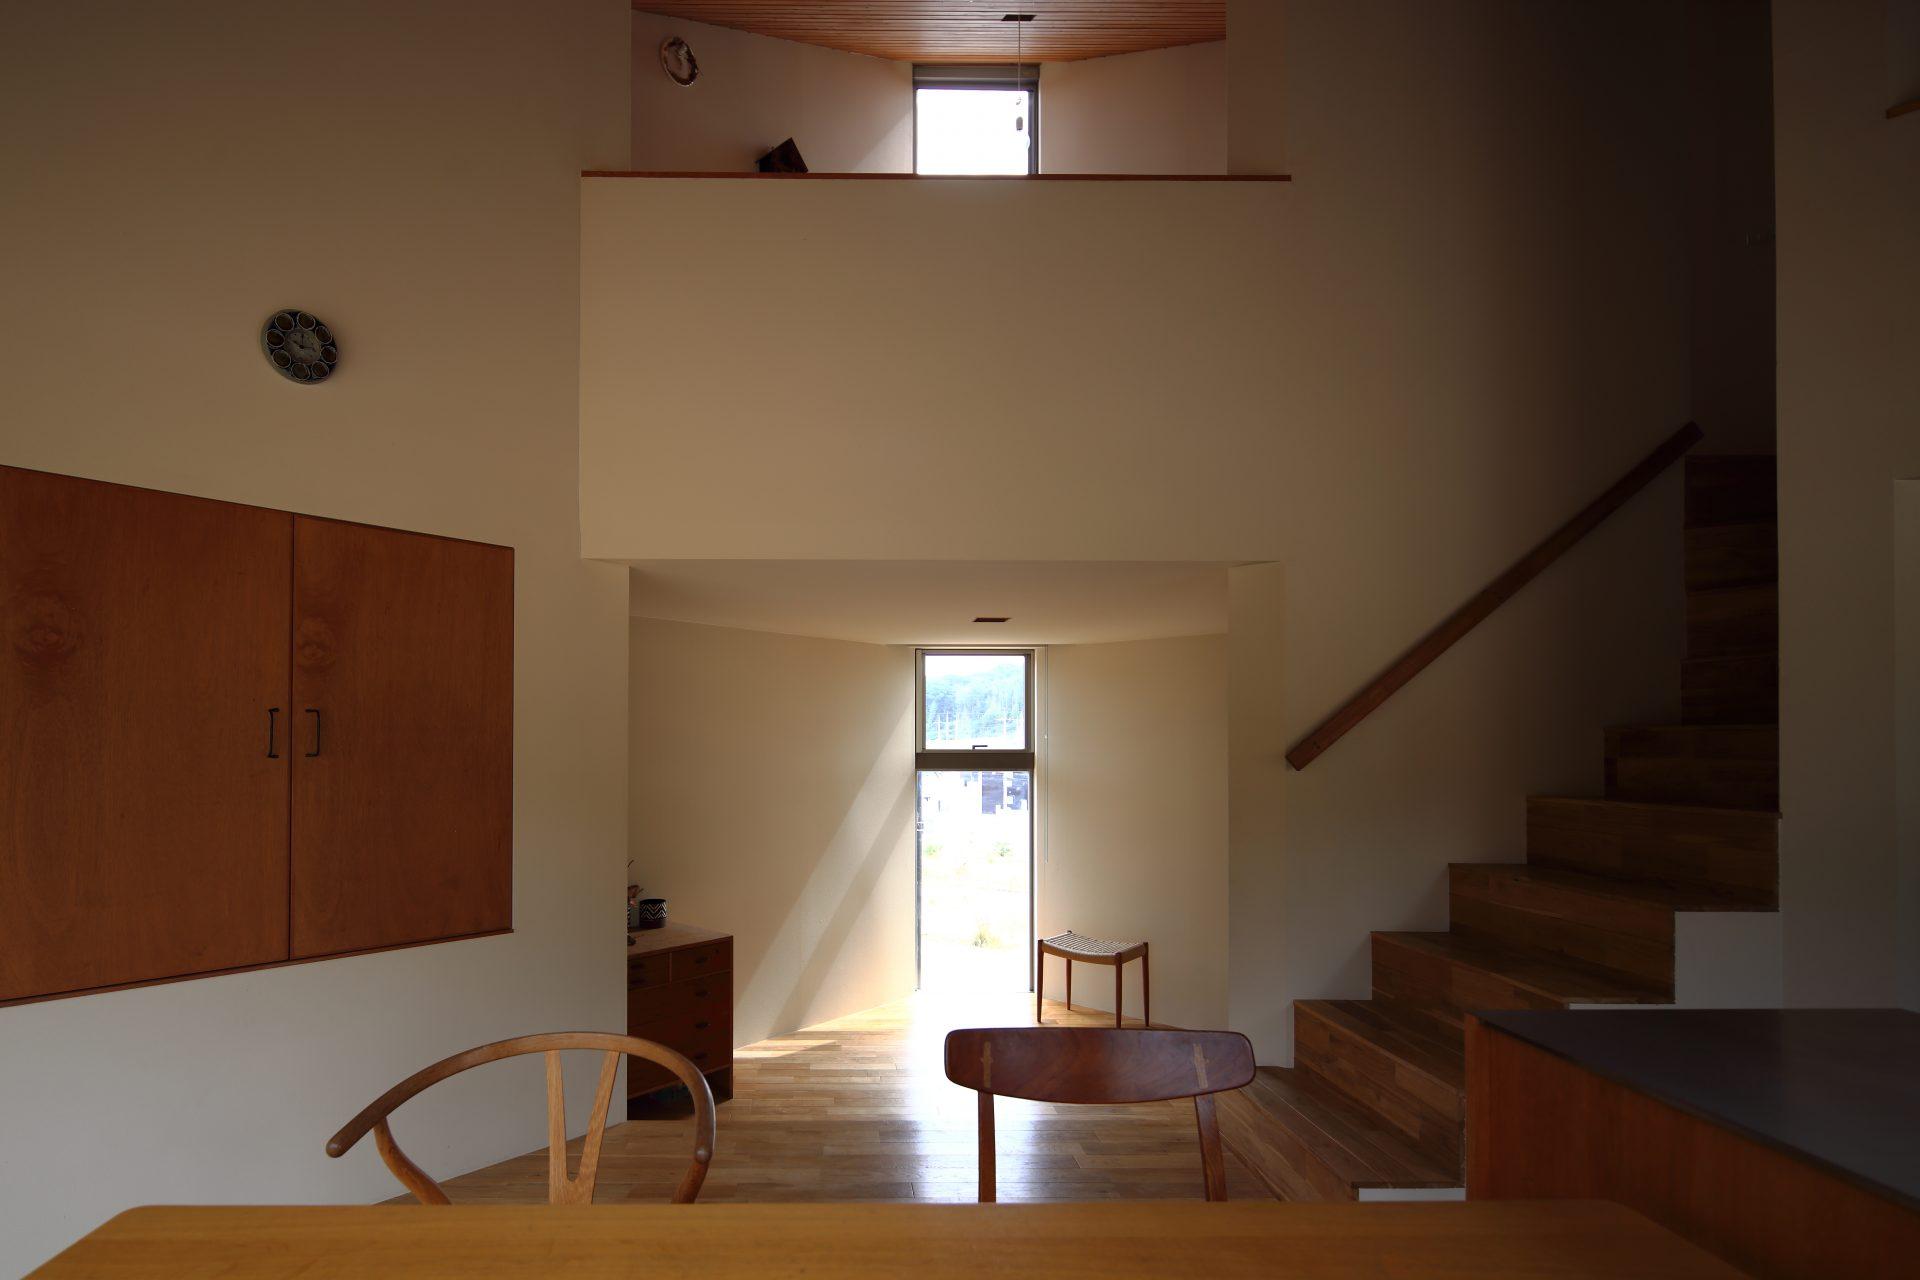 兵庫神戸北の家のダイニングキッチン05